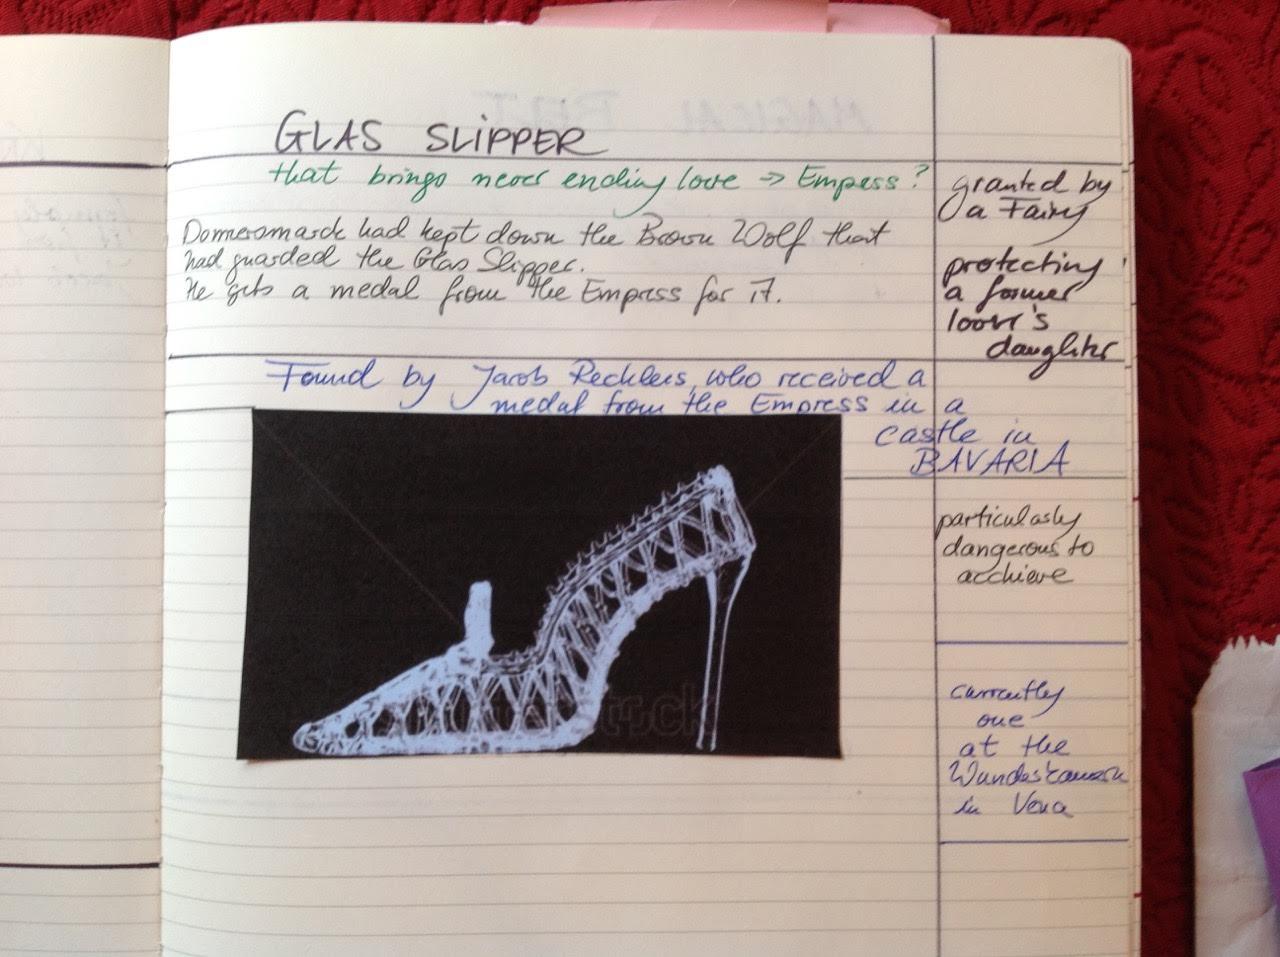 C notebook_glass slipper.jpg